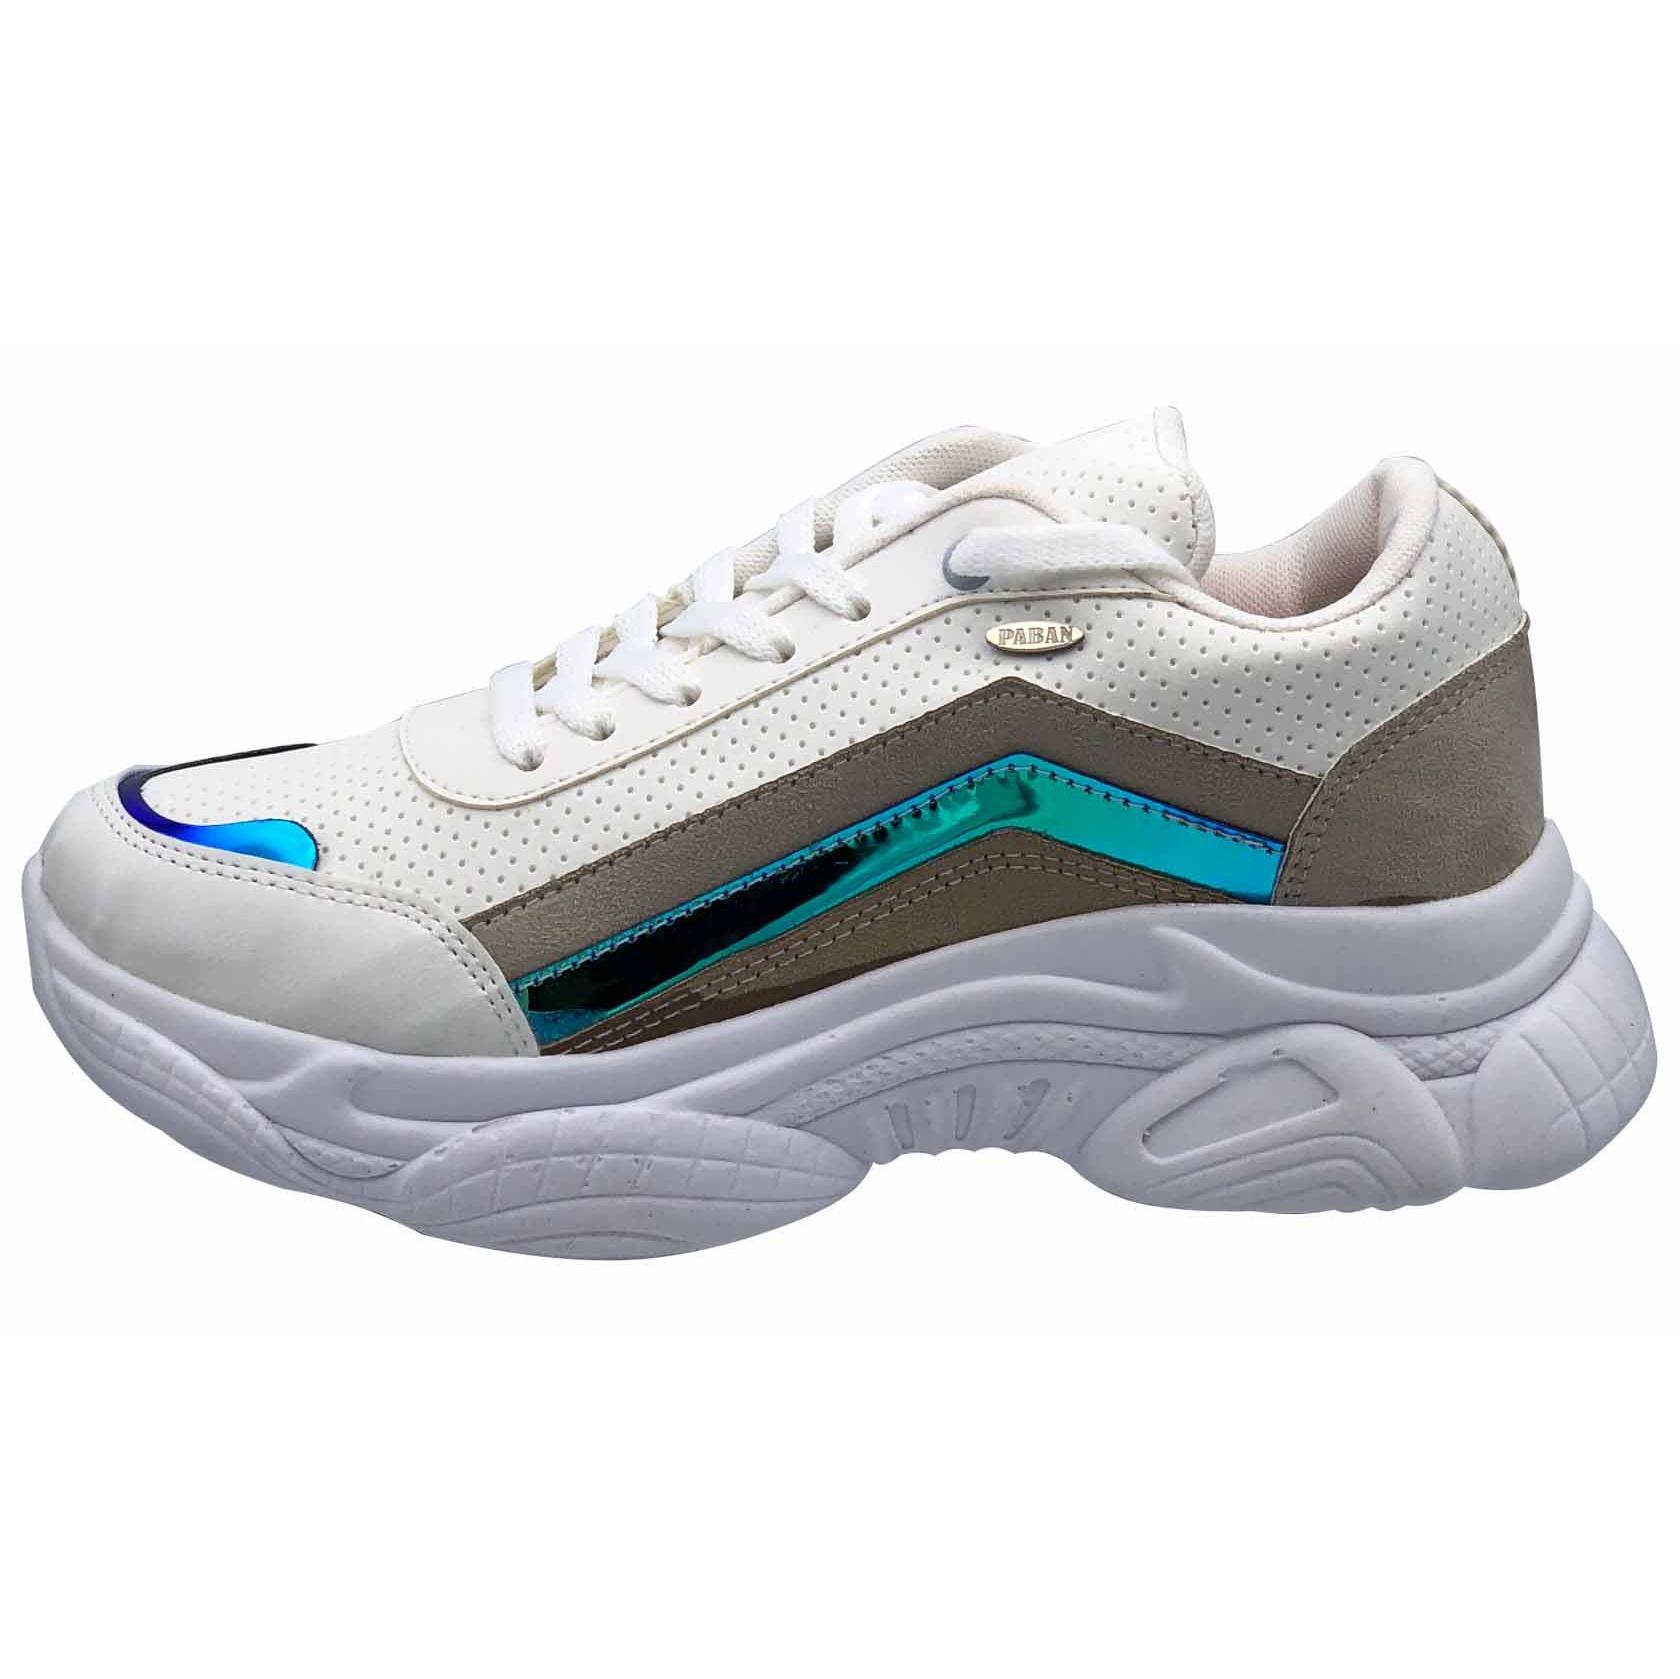 کفش مخصوص پیاده روی زنانه  پابان کد 150 g